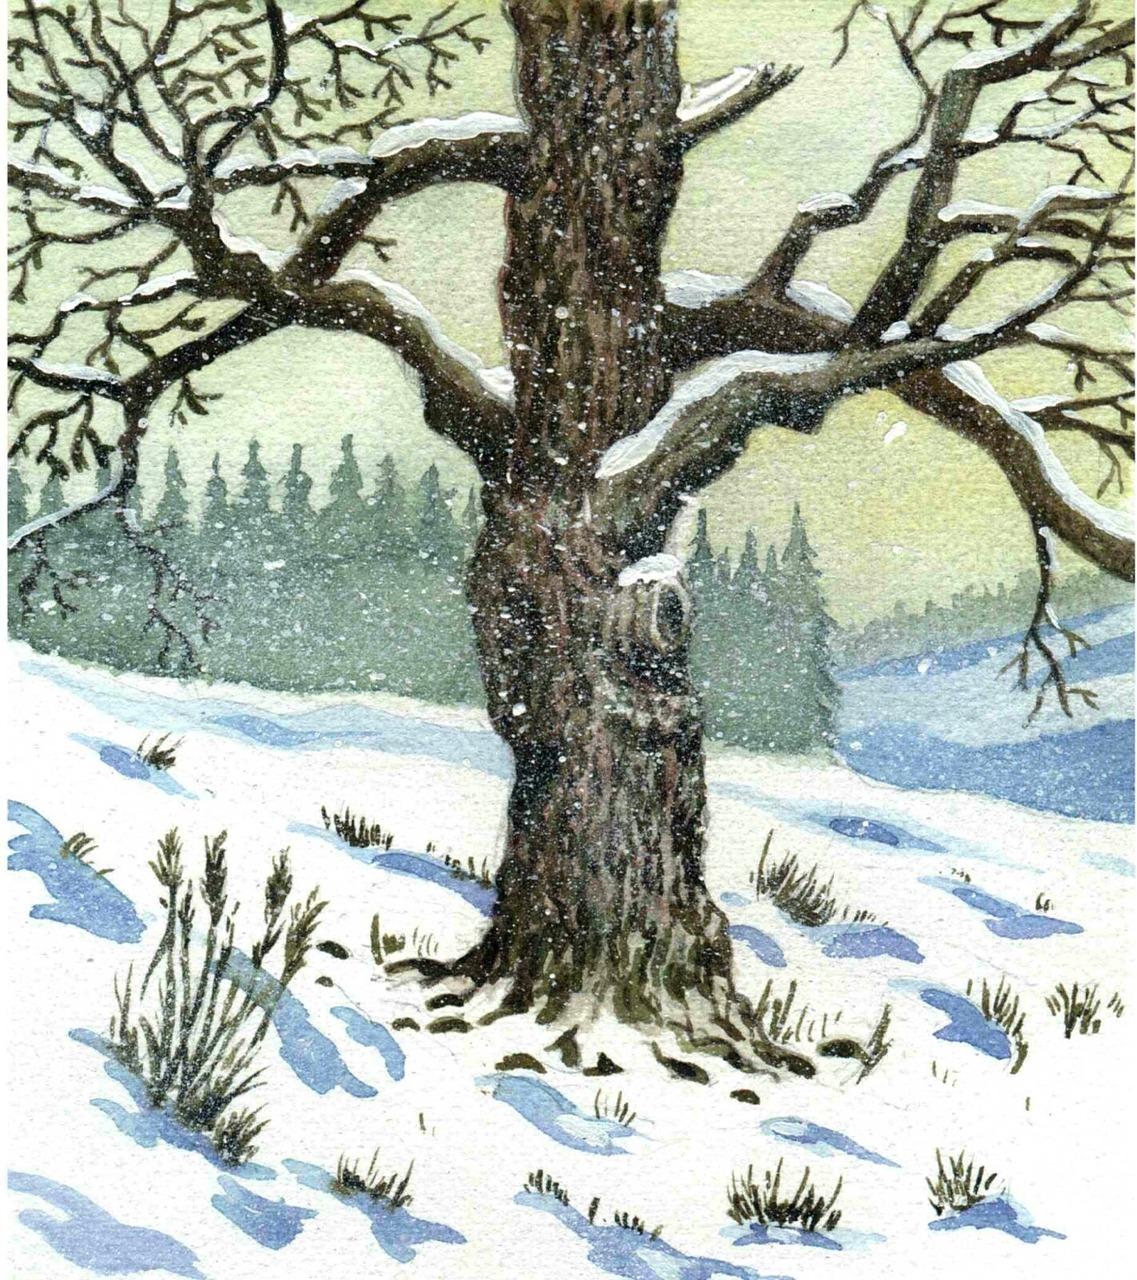 Картинка дерева зимой для детей